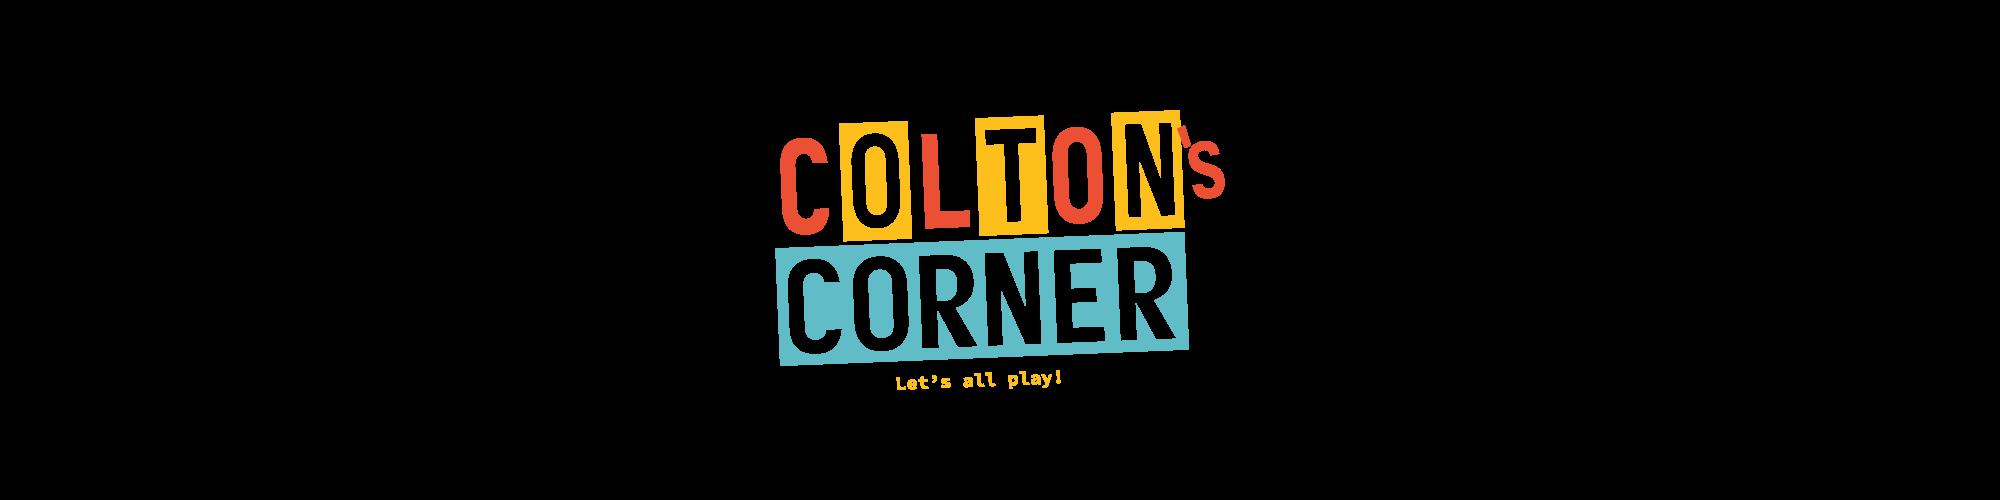 Colton's Corner 2021